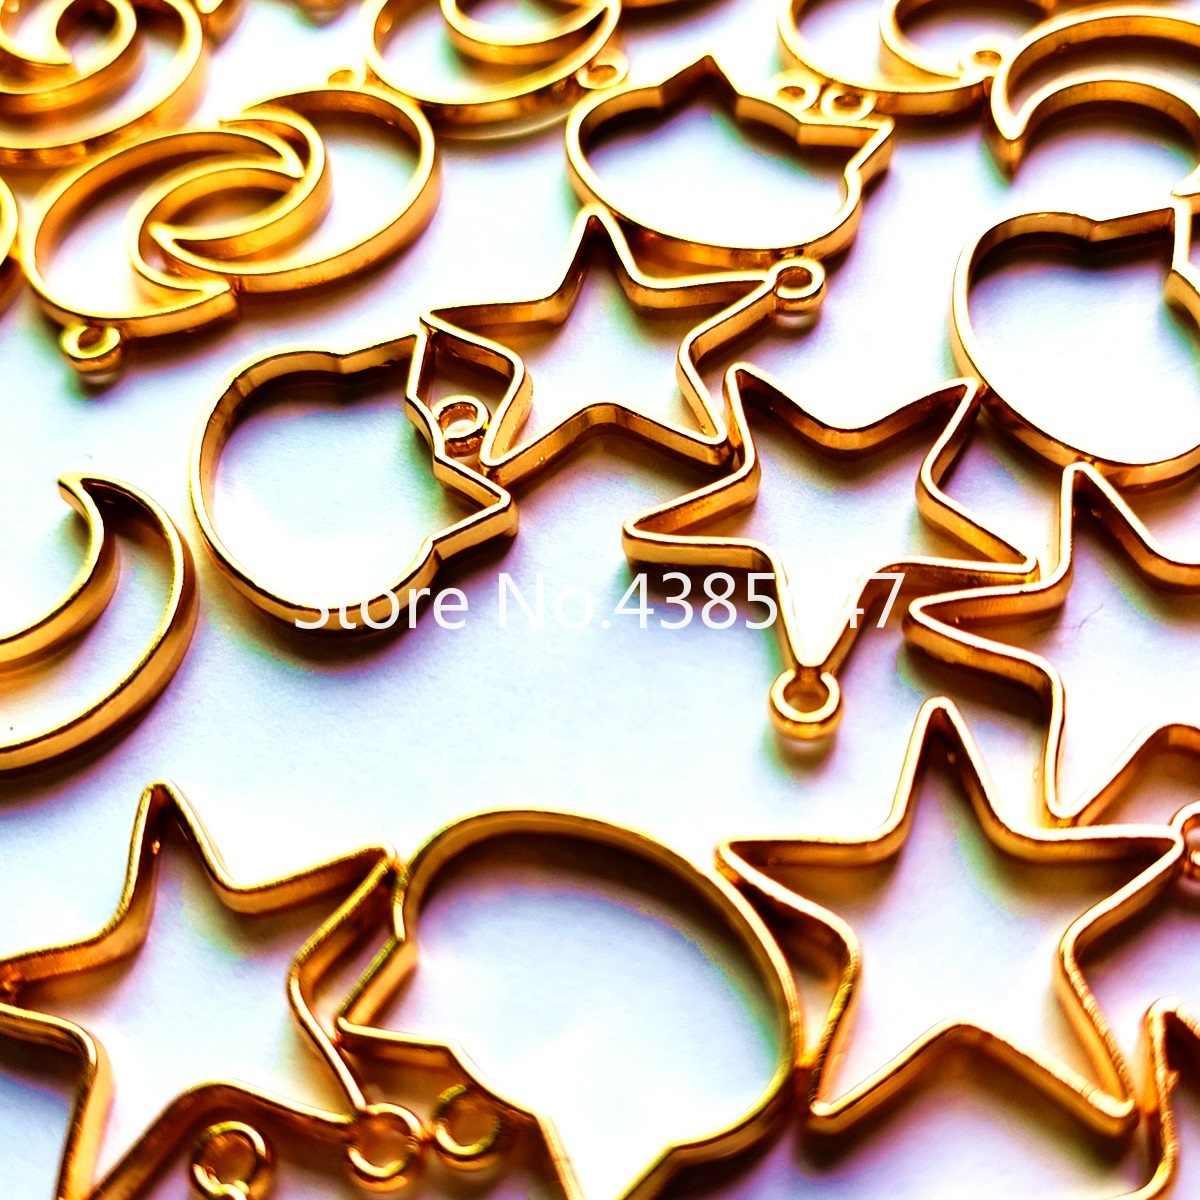 15 pçs/set Metal Brinco Estrela Da Lua Gato DIY Moldura Moldura de Metal DIY Resultados Da Jóia do Encanto do Metal Molduras Jóias